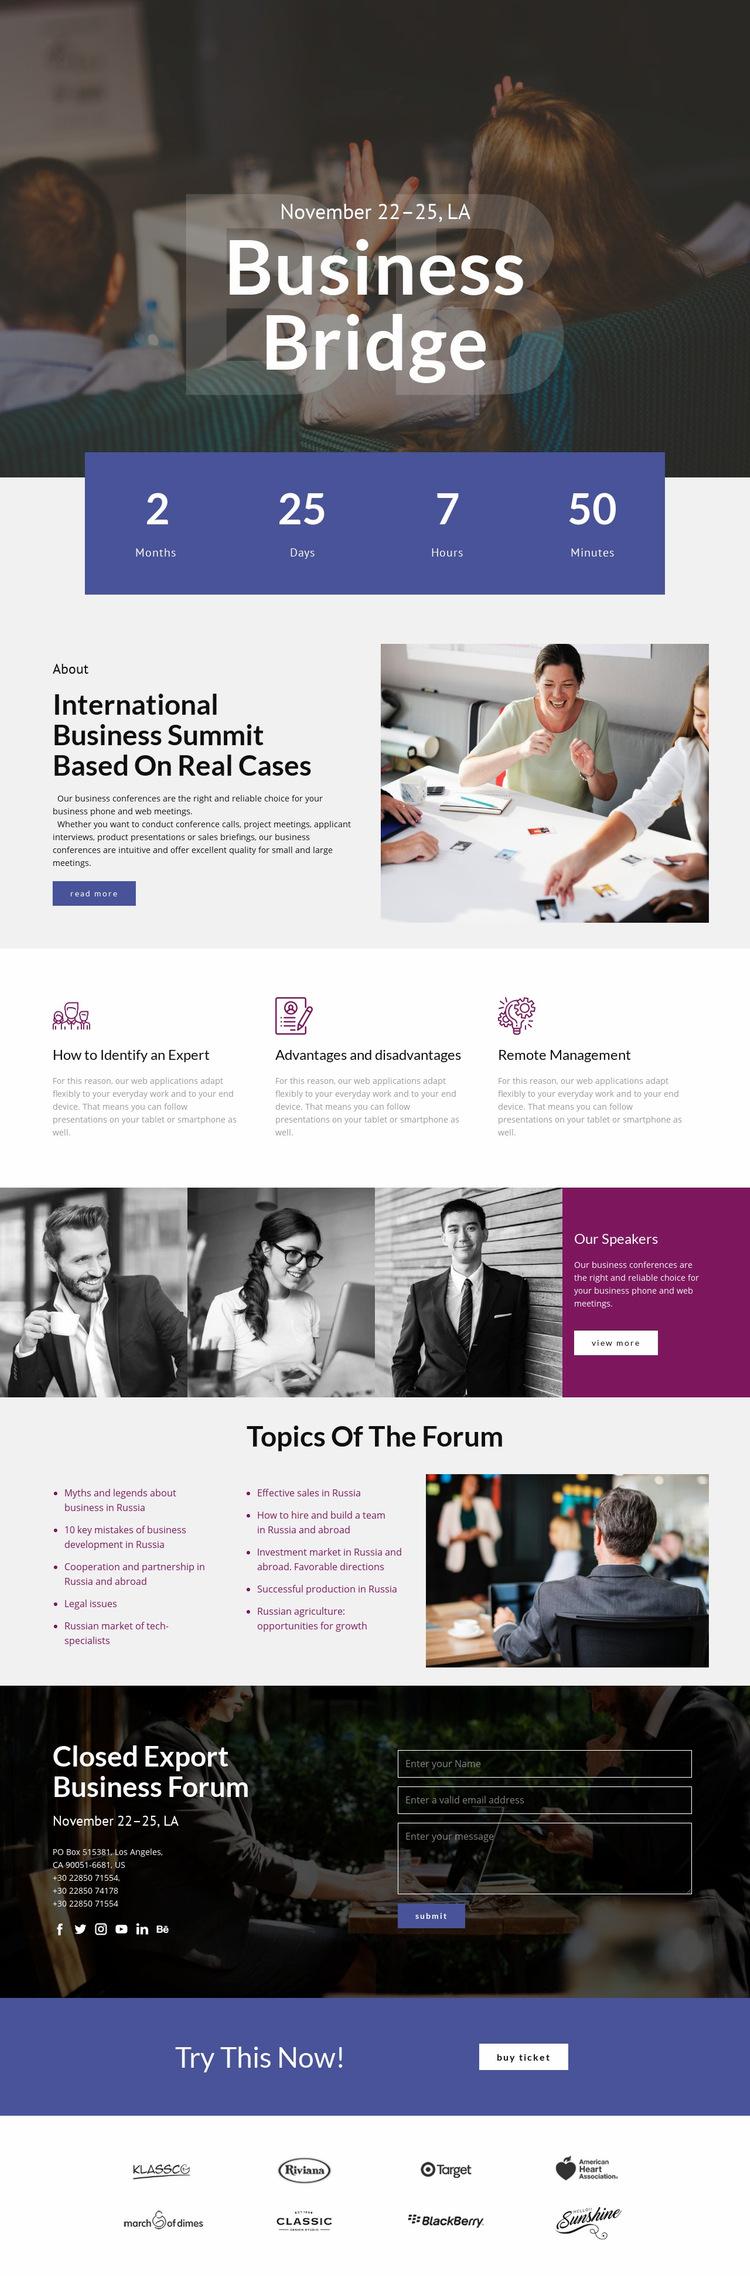 Business Bridge Web Page Design